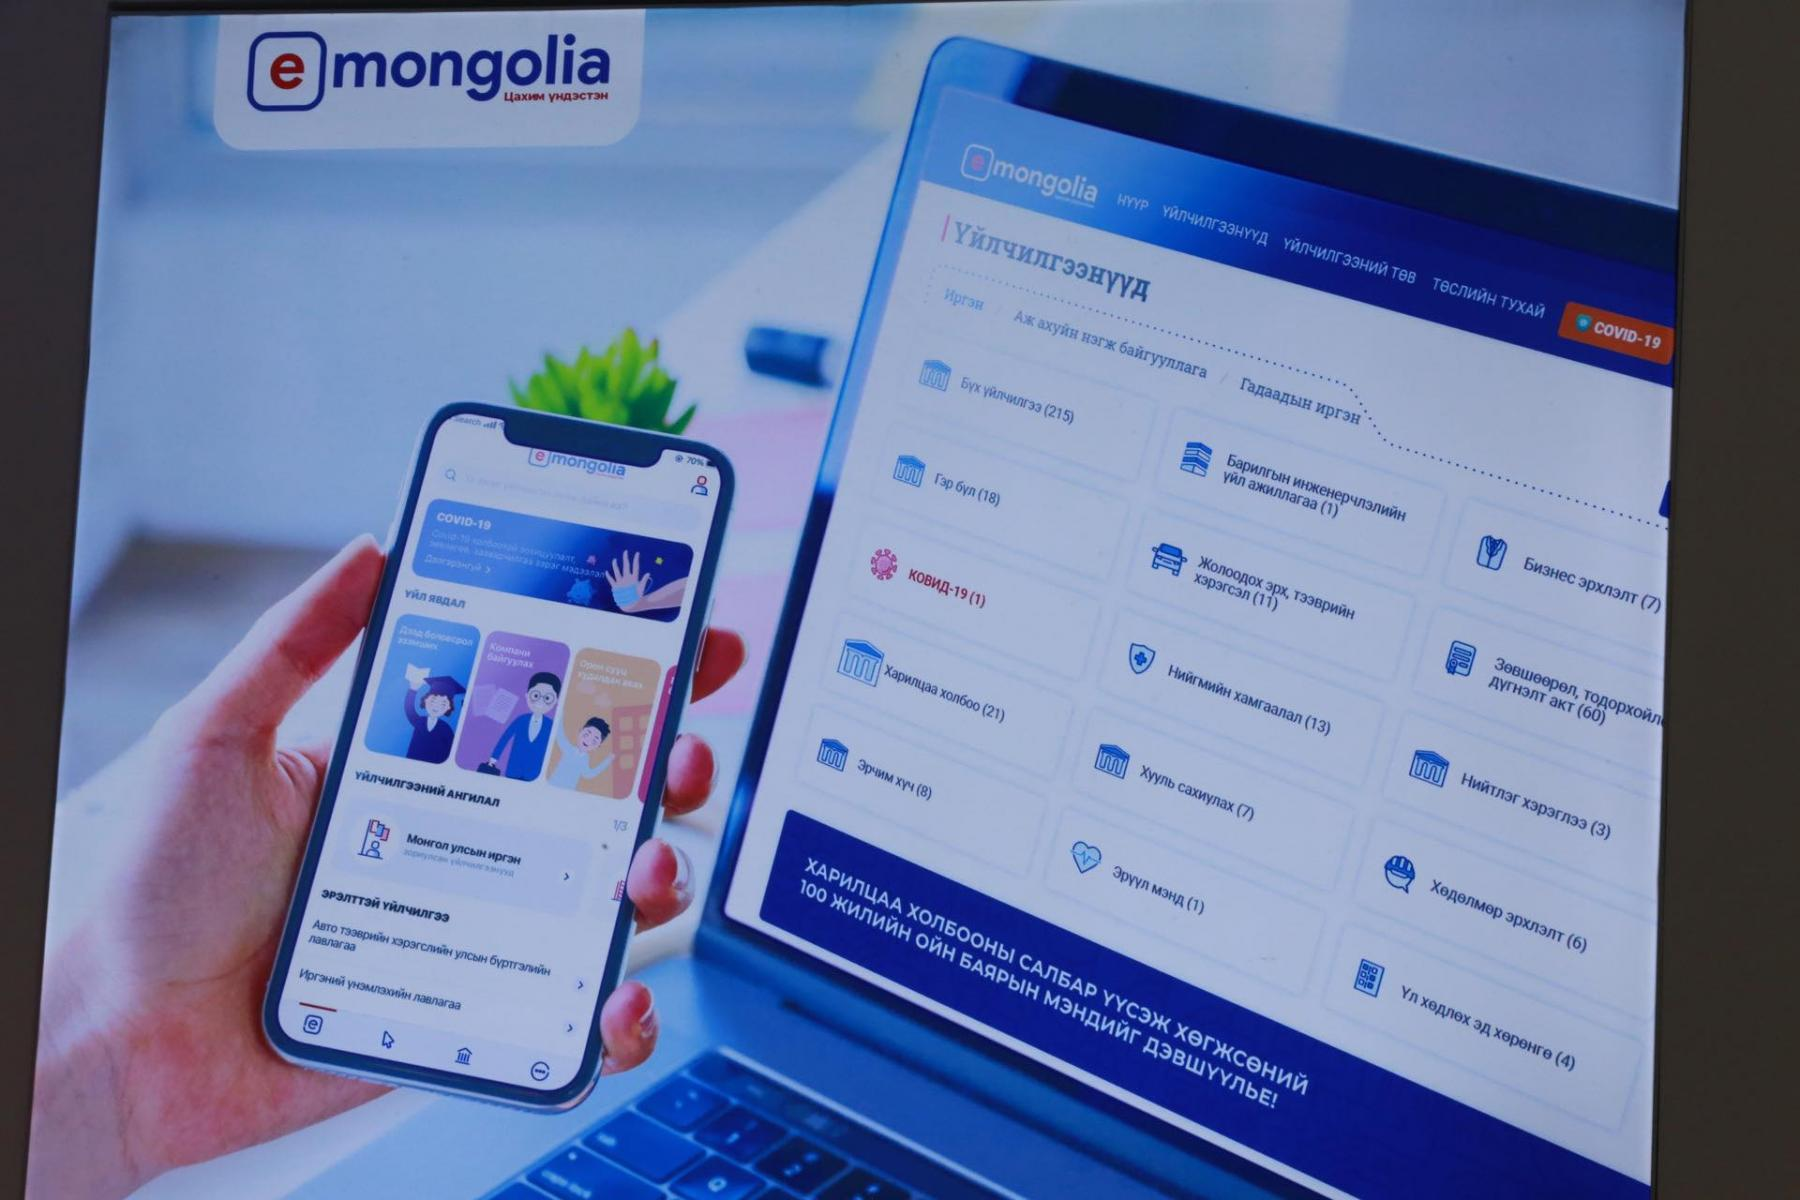 """Төрийн үйлчилгээг цахимаар олгох """"E-Mongolia"""" төв Төв шууданд ажиллаж эхэллээ"""